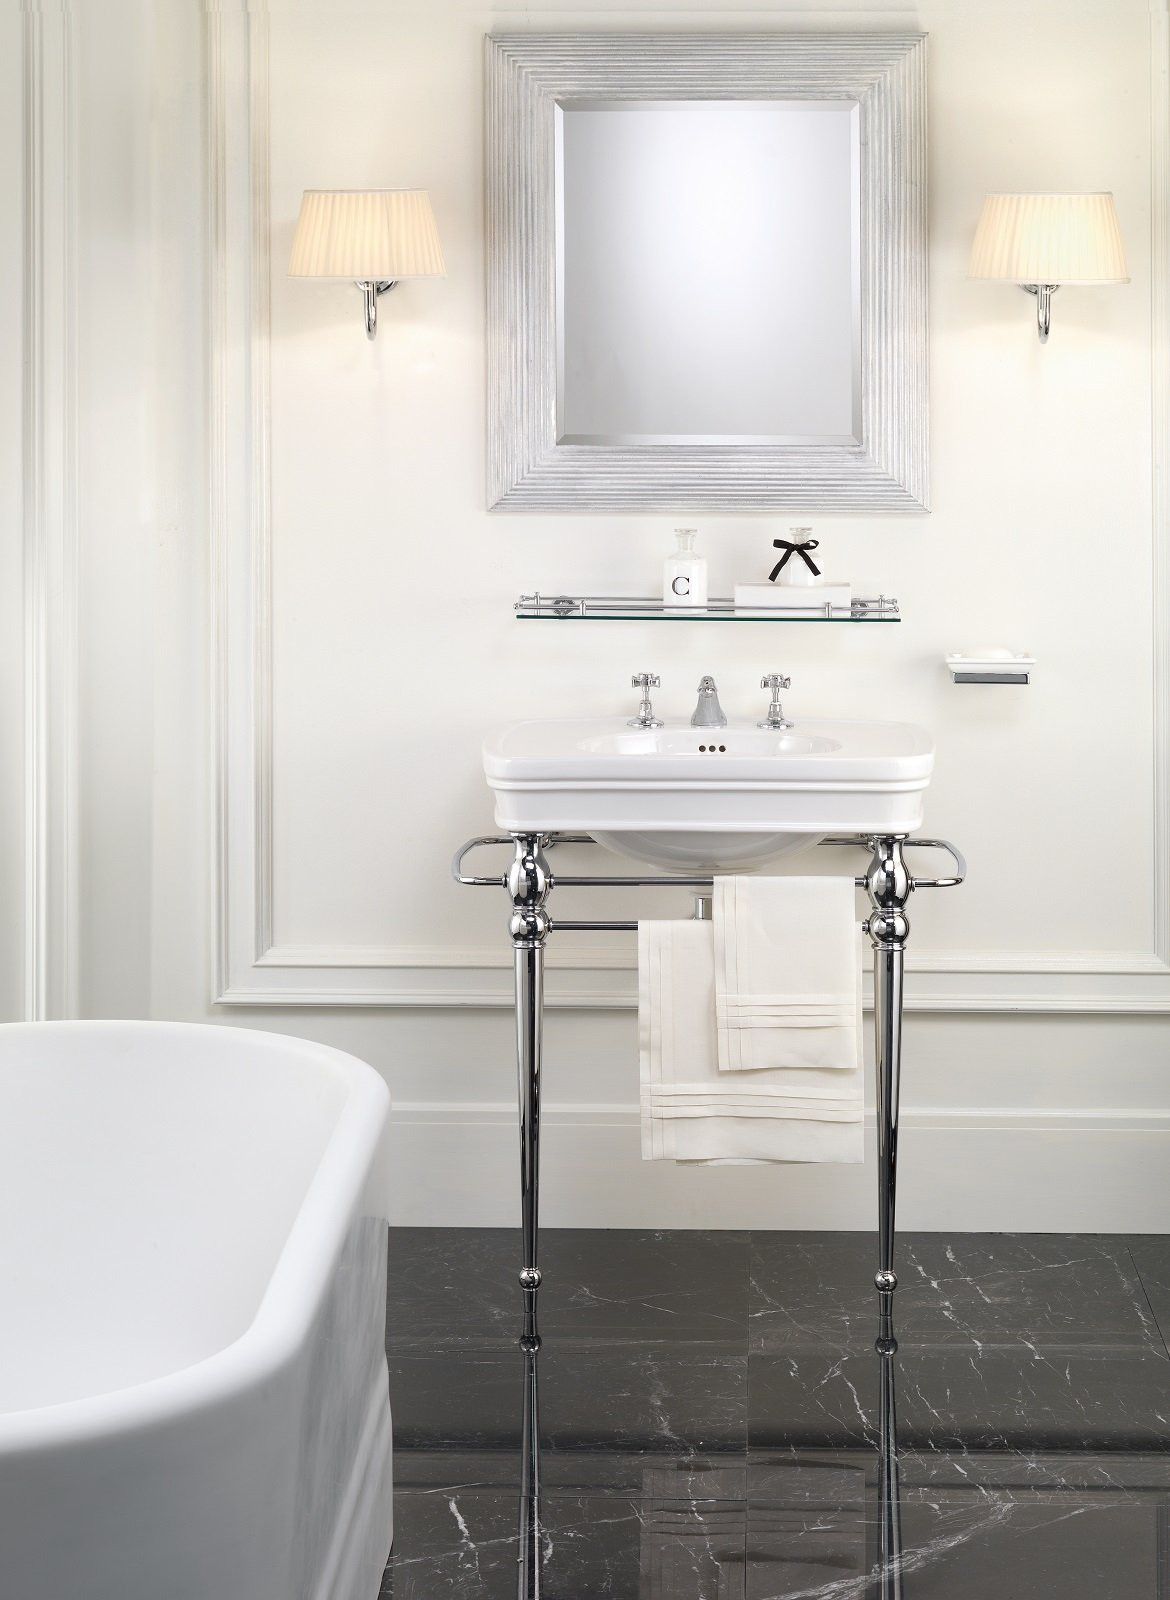 Consolle Bagno In Ceramica.I Lavabi E I Sanitari Per Il Bagno In Stile Classico E Retro